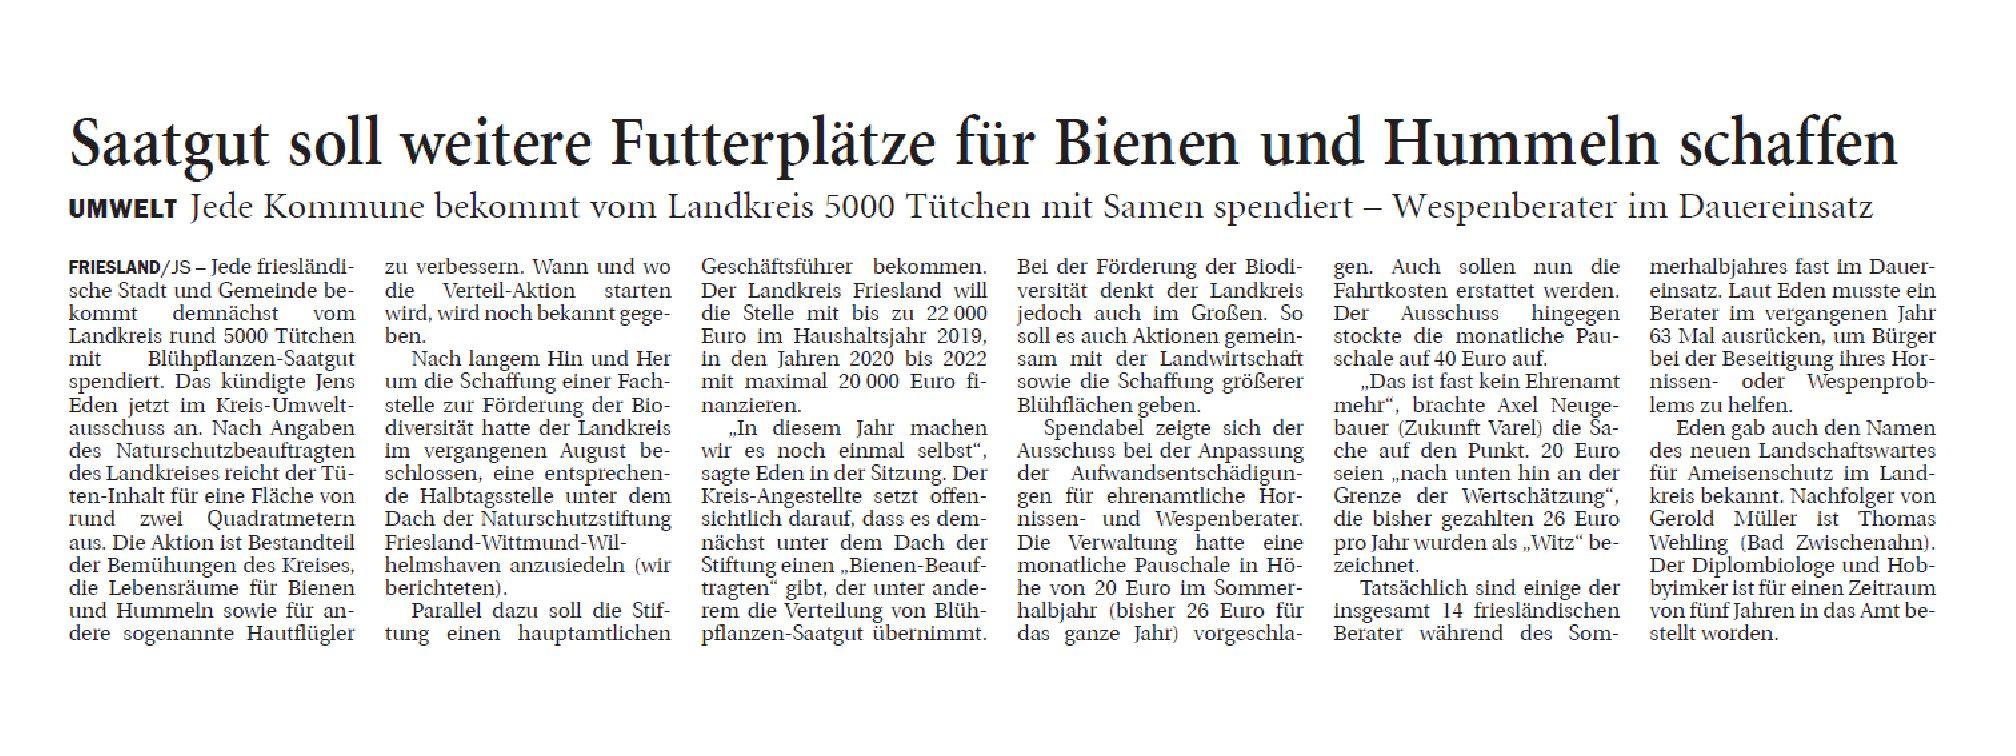 Jeversches Wochenblatt 05.03.2019